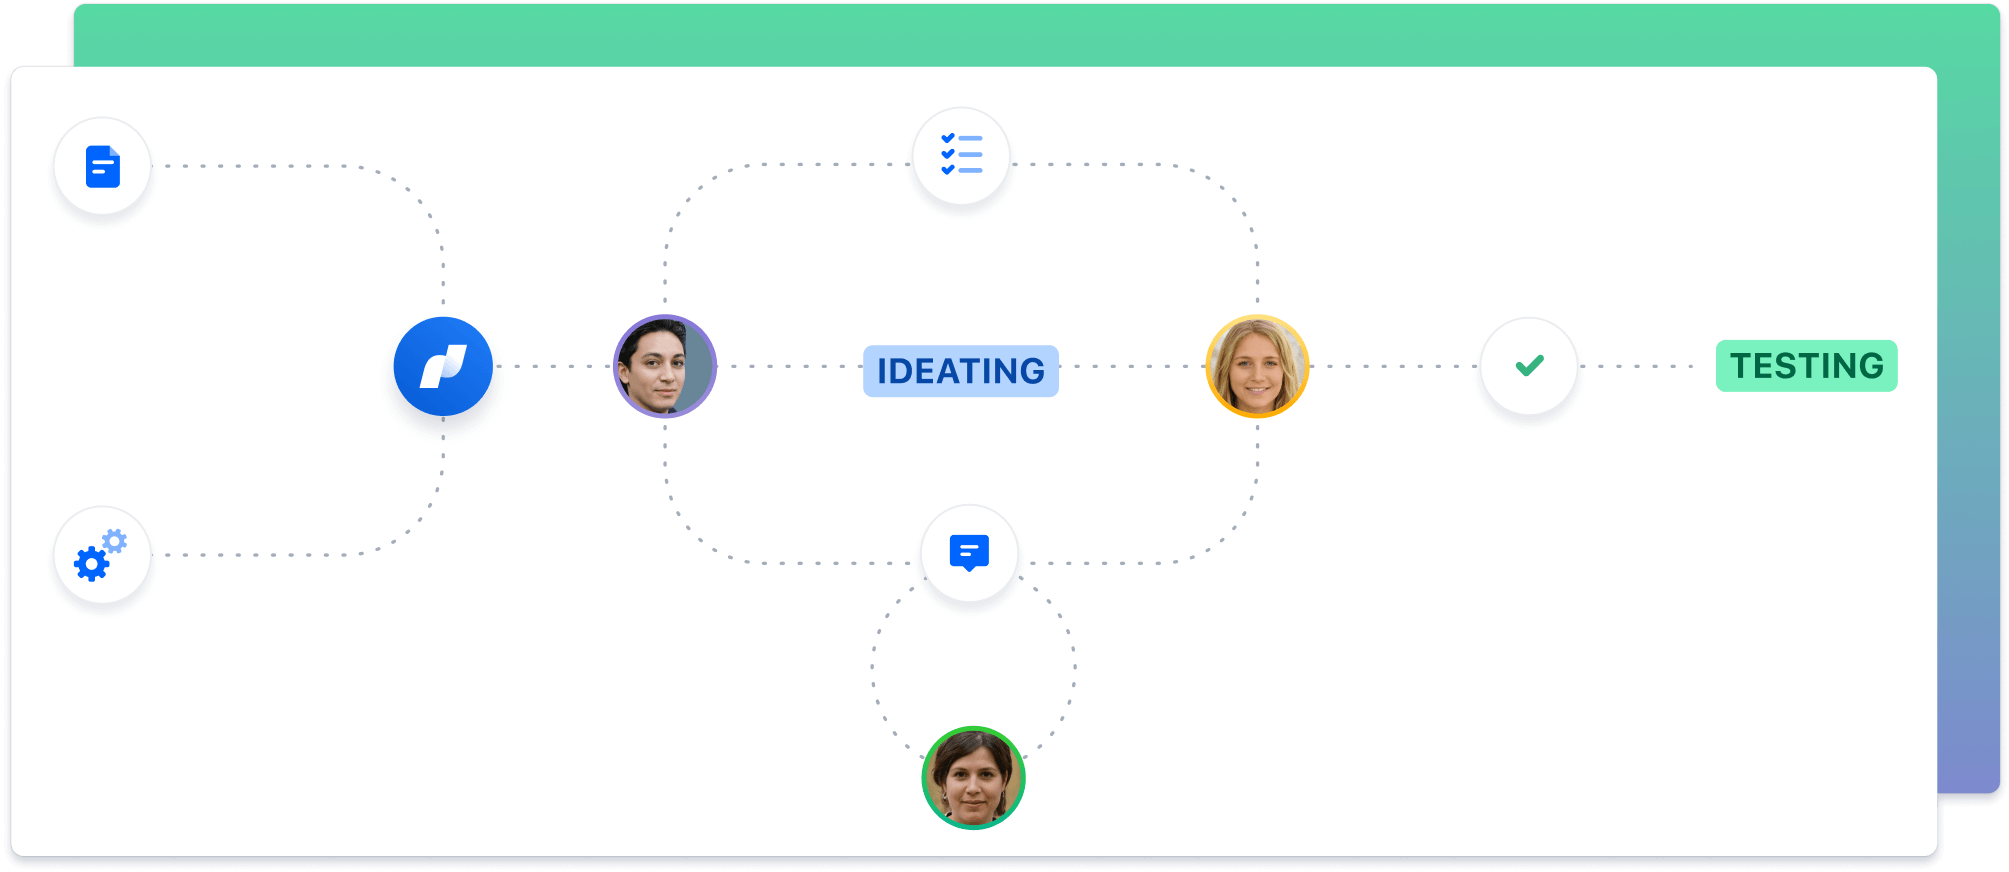 Koordynacja działań — zrzut ekranu